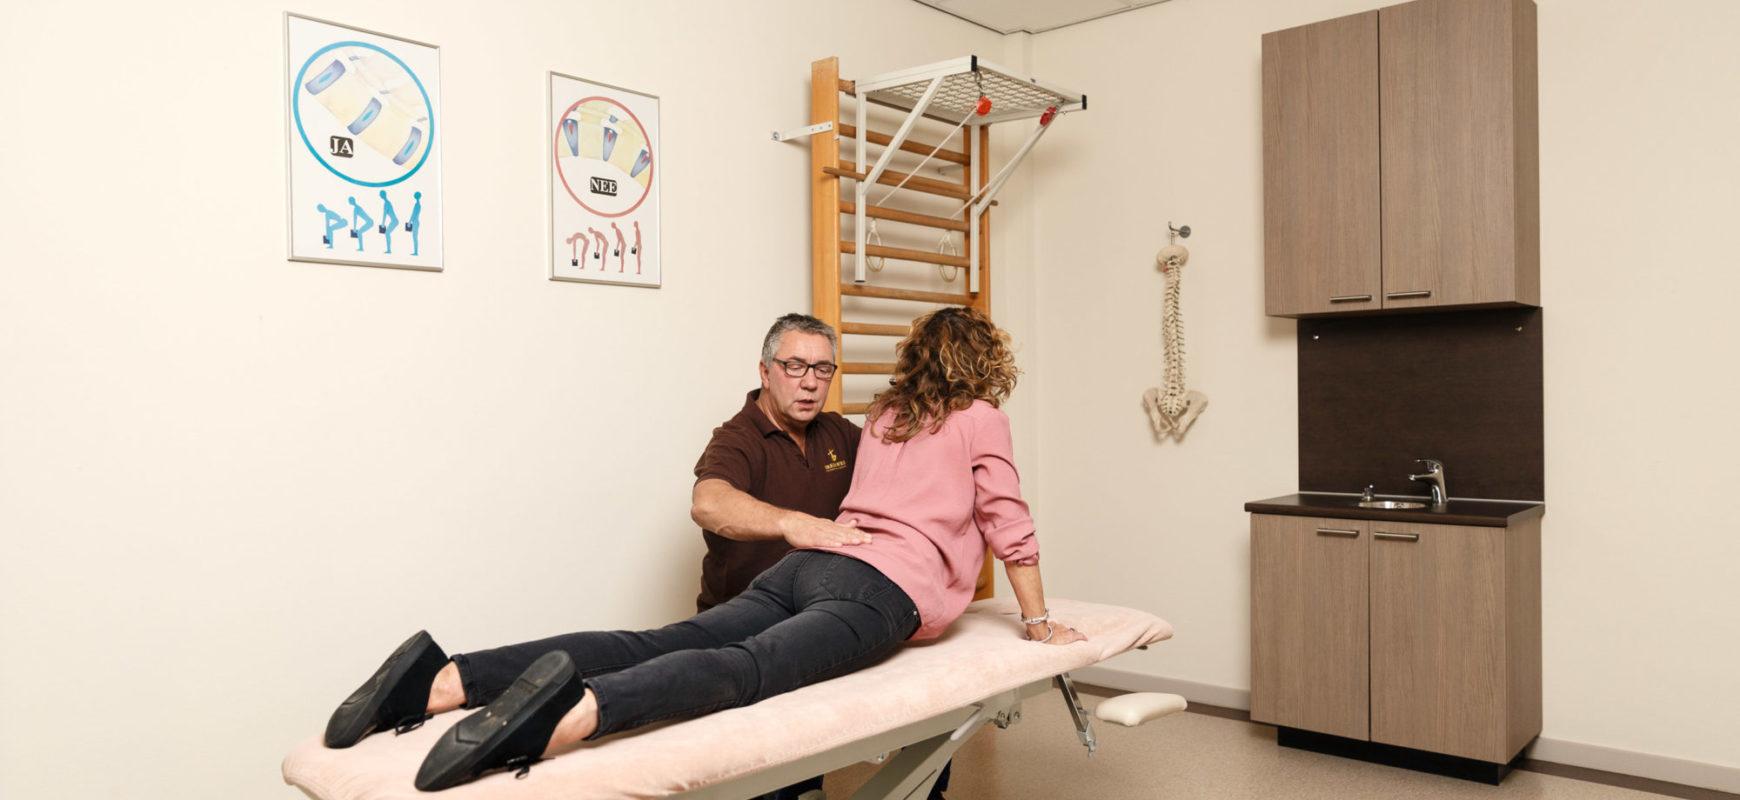 fysiotherapie, breda, breda west, paramedisch centrum, fysiotherapeut, fysiotherapiepraktijk, behandelingen, rugpijn, nekpijn, bekkenpijn, rugklachten, nekklachten, bekkenklachten, McKenzie therapie